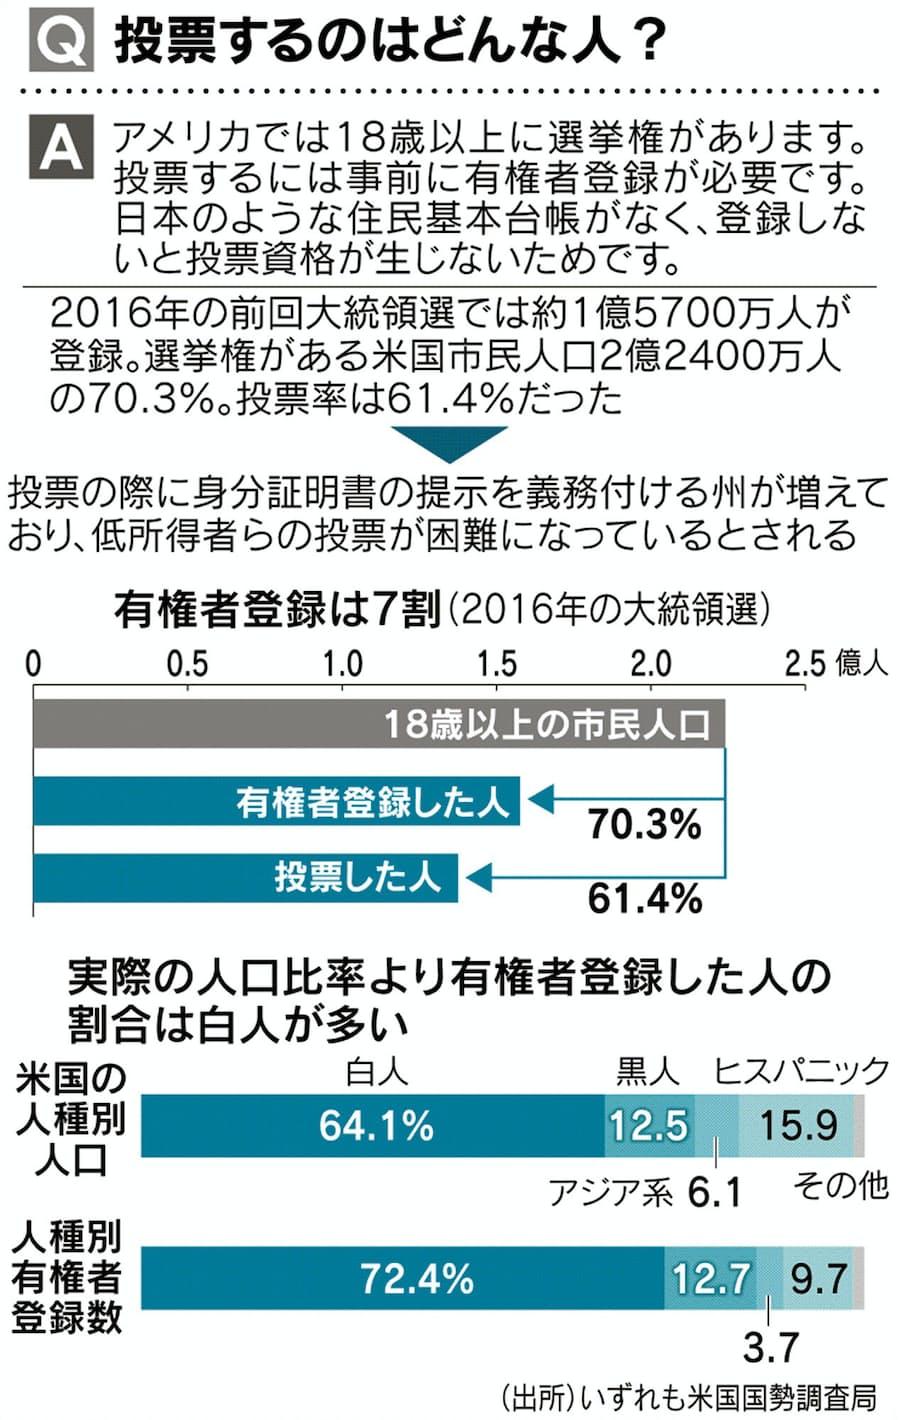 見てわかる「アメリカ大統領選挙」 選挙人制度って何?: 日本経済新聞